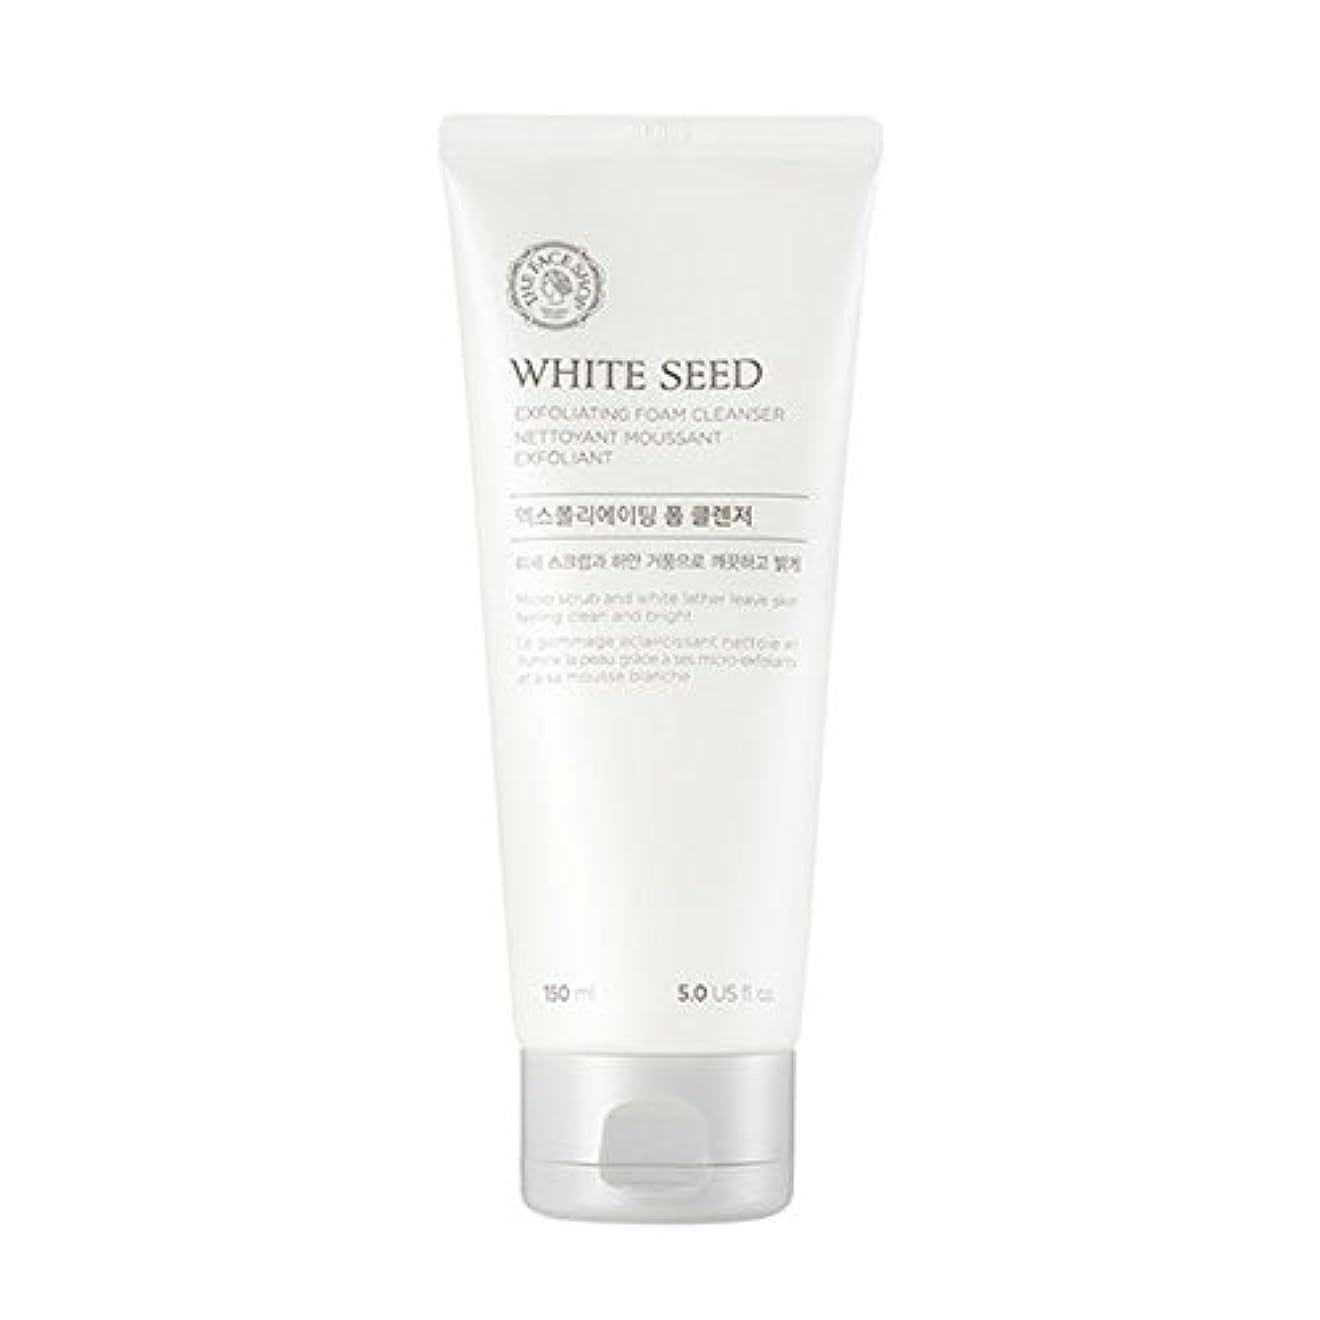 虹ダルセットクッション[ザフェイスショップ] The Face Shop ホワイトシードエクスフォリエイティングクレンザー(150ml) The Face Shop White Seed Exfoliating Foam Cleanser(150ml...